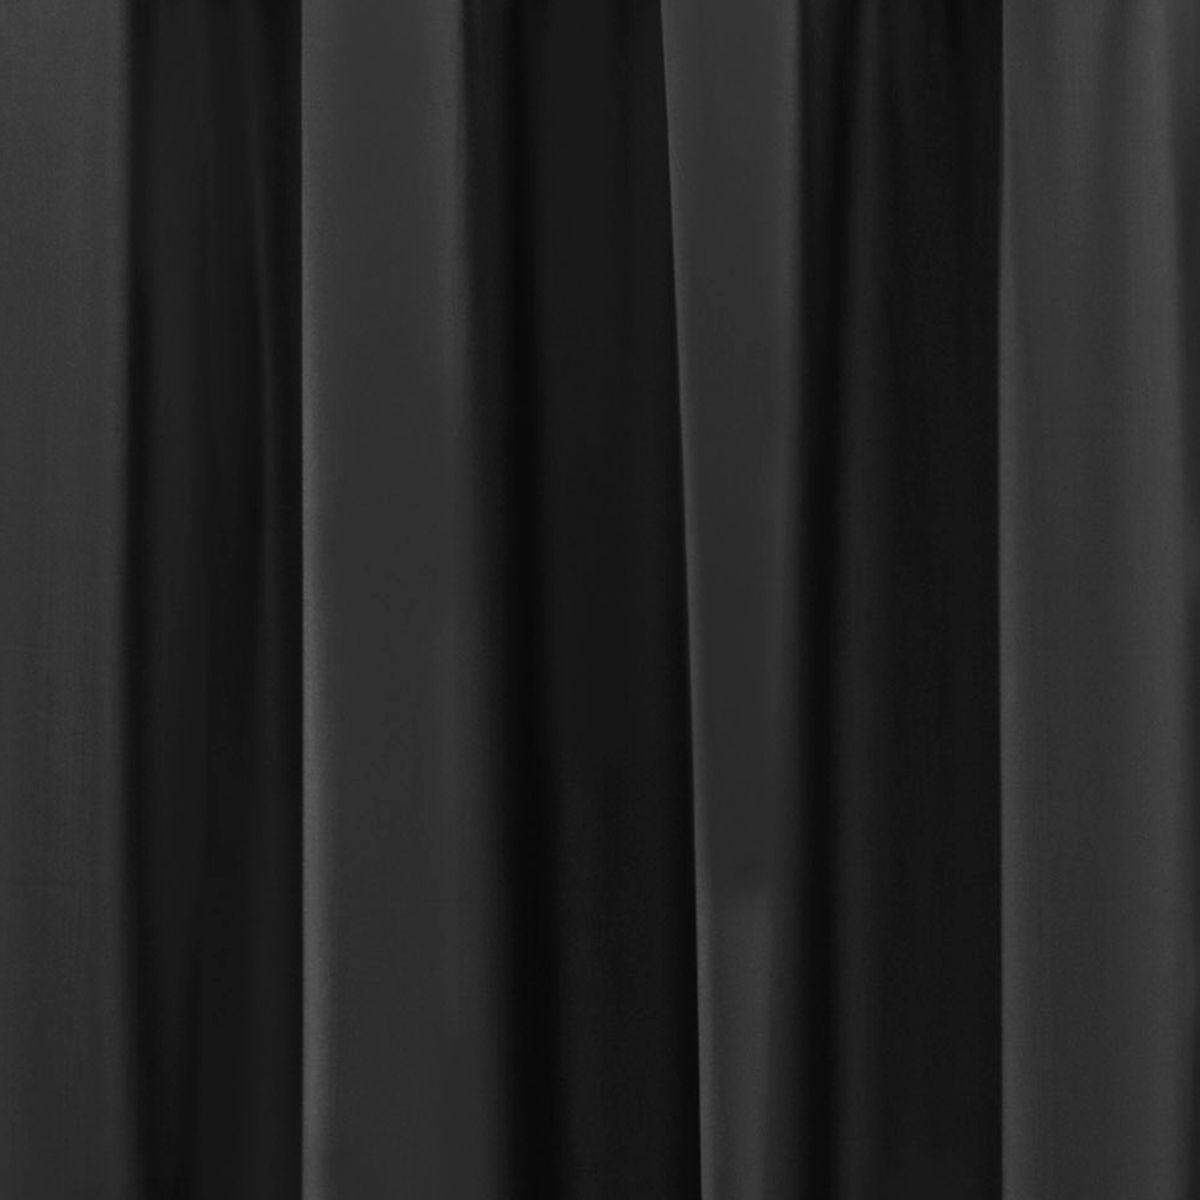 Cortina Blackout PVC Preto Corta Luz 2,20m X 1,30m